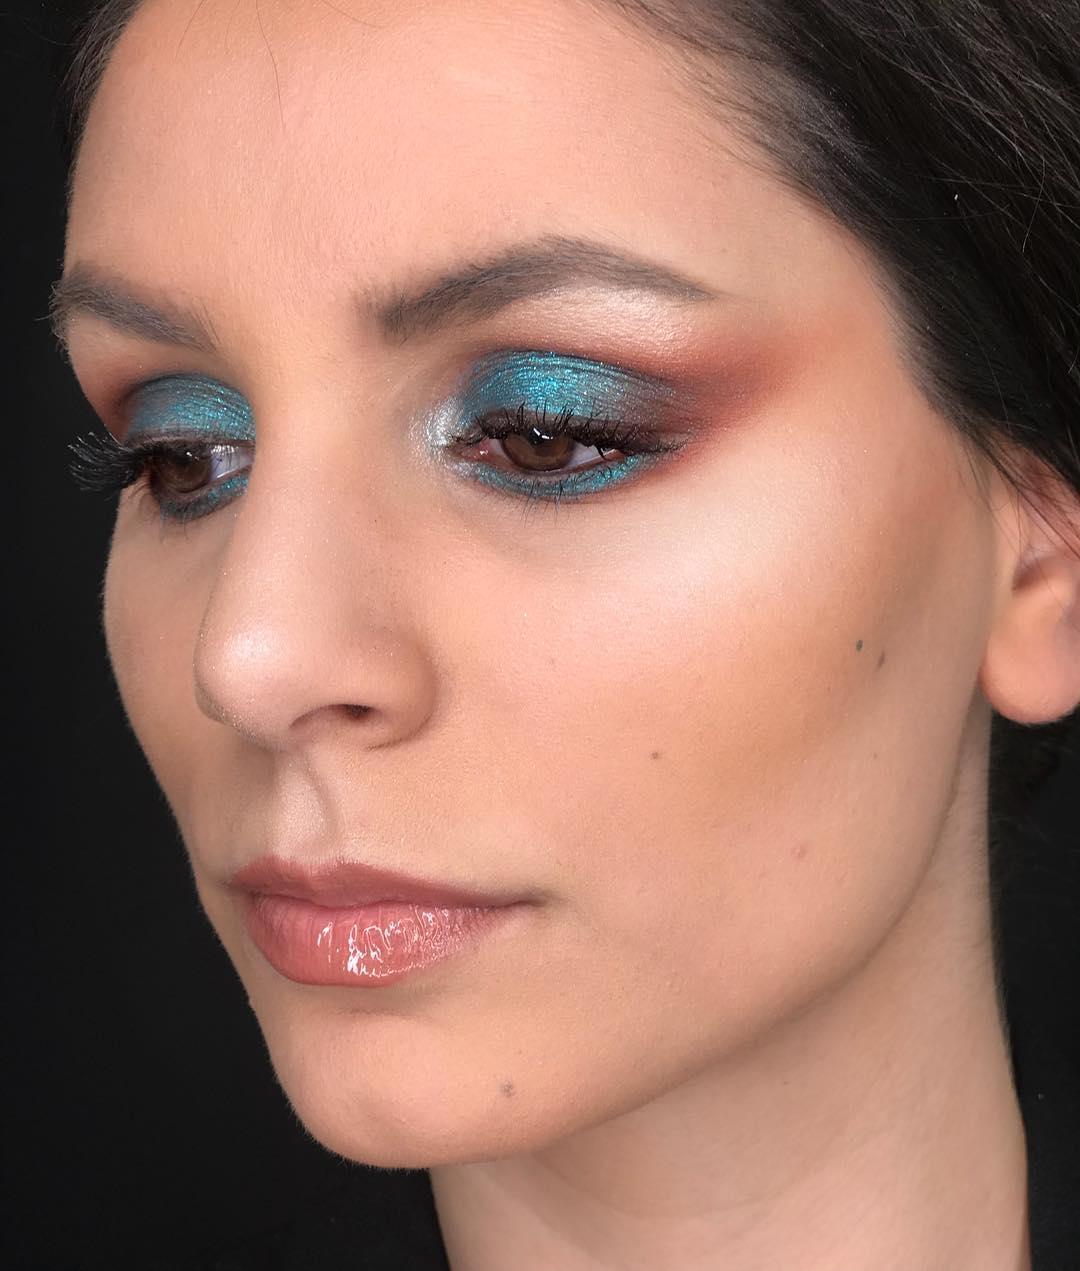 Модный макияж 2021, самые трендовые цвета и формы на 2021 год